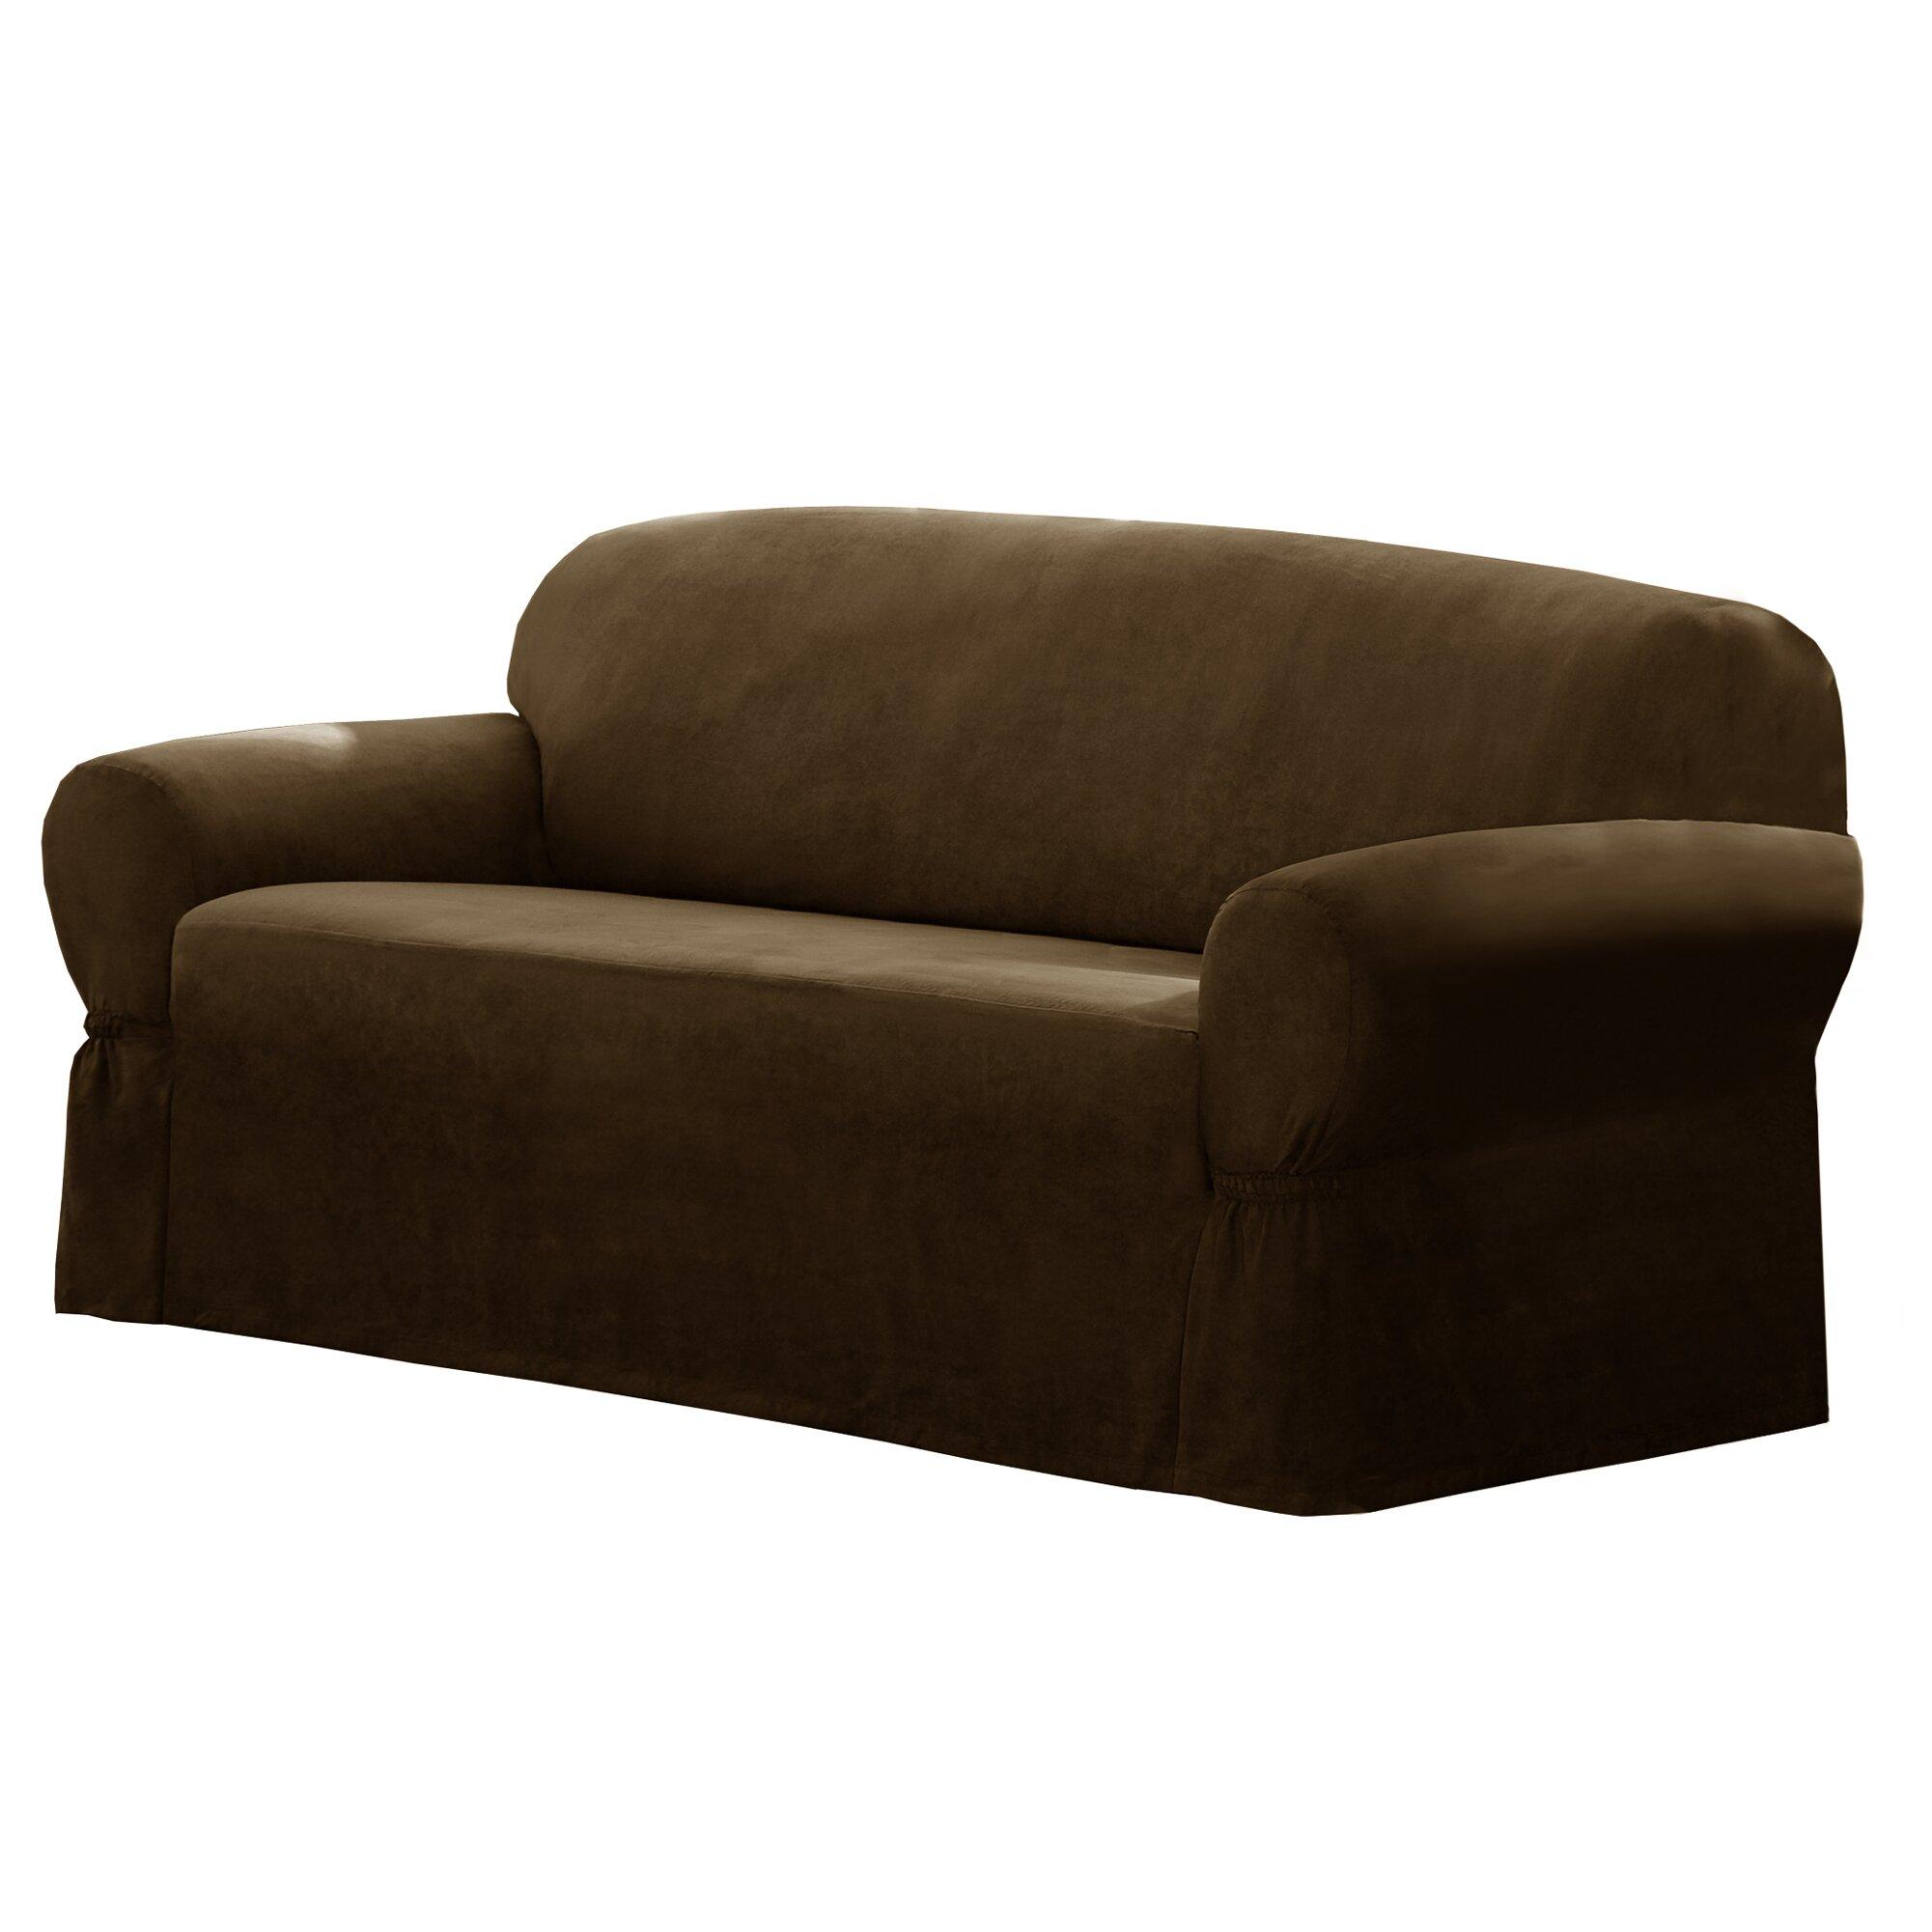 T Cushion Sofa Slip Cover: Maytex T-Cushion Loveseat/Sofa Slipcover & Reviews